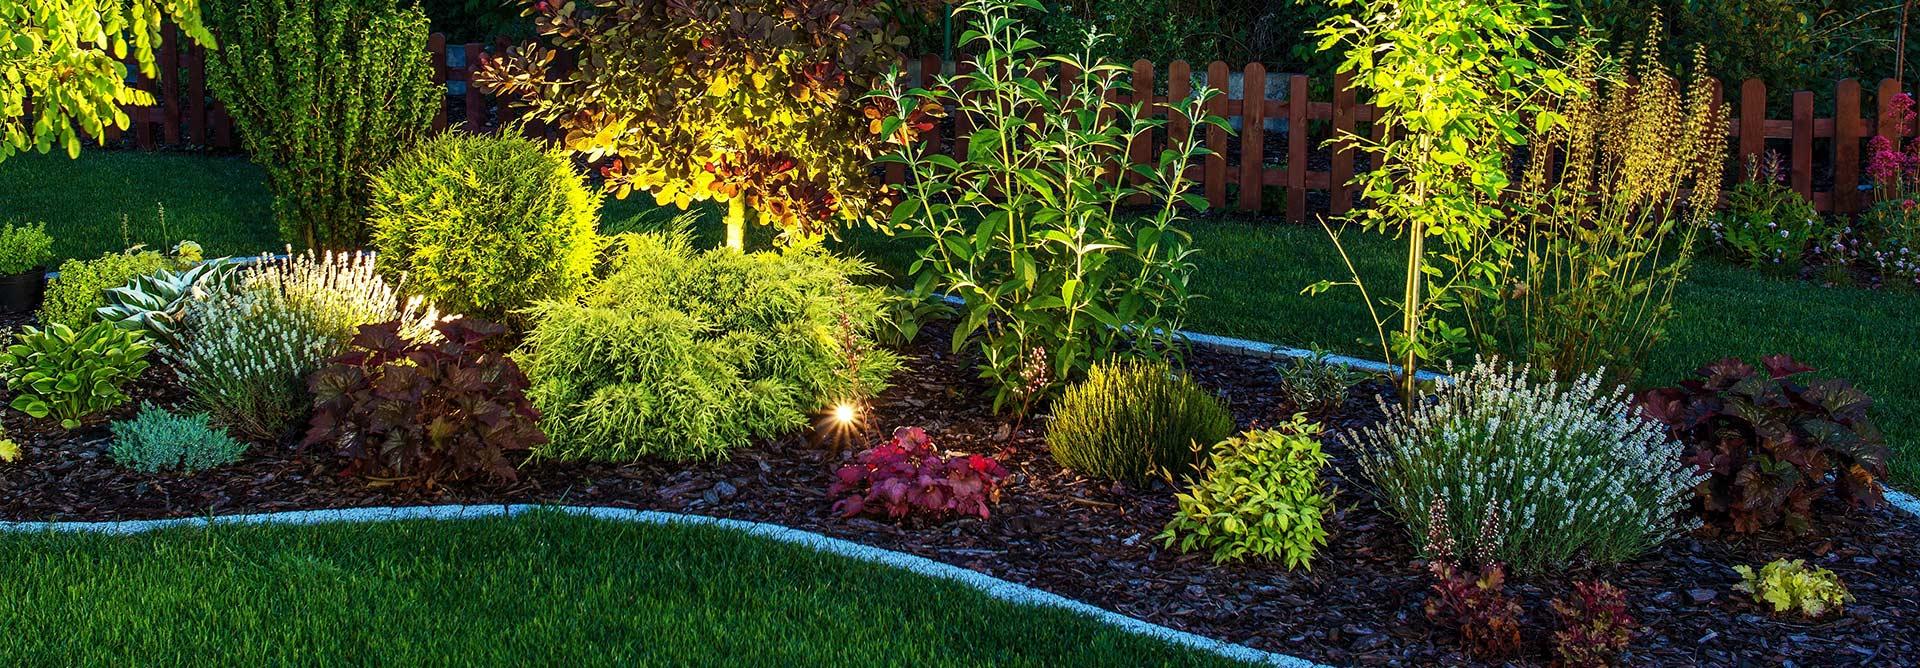 l'entretien de votre jardin par un professionnel expérimenté à Sérifontaine